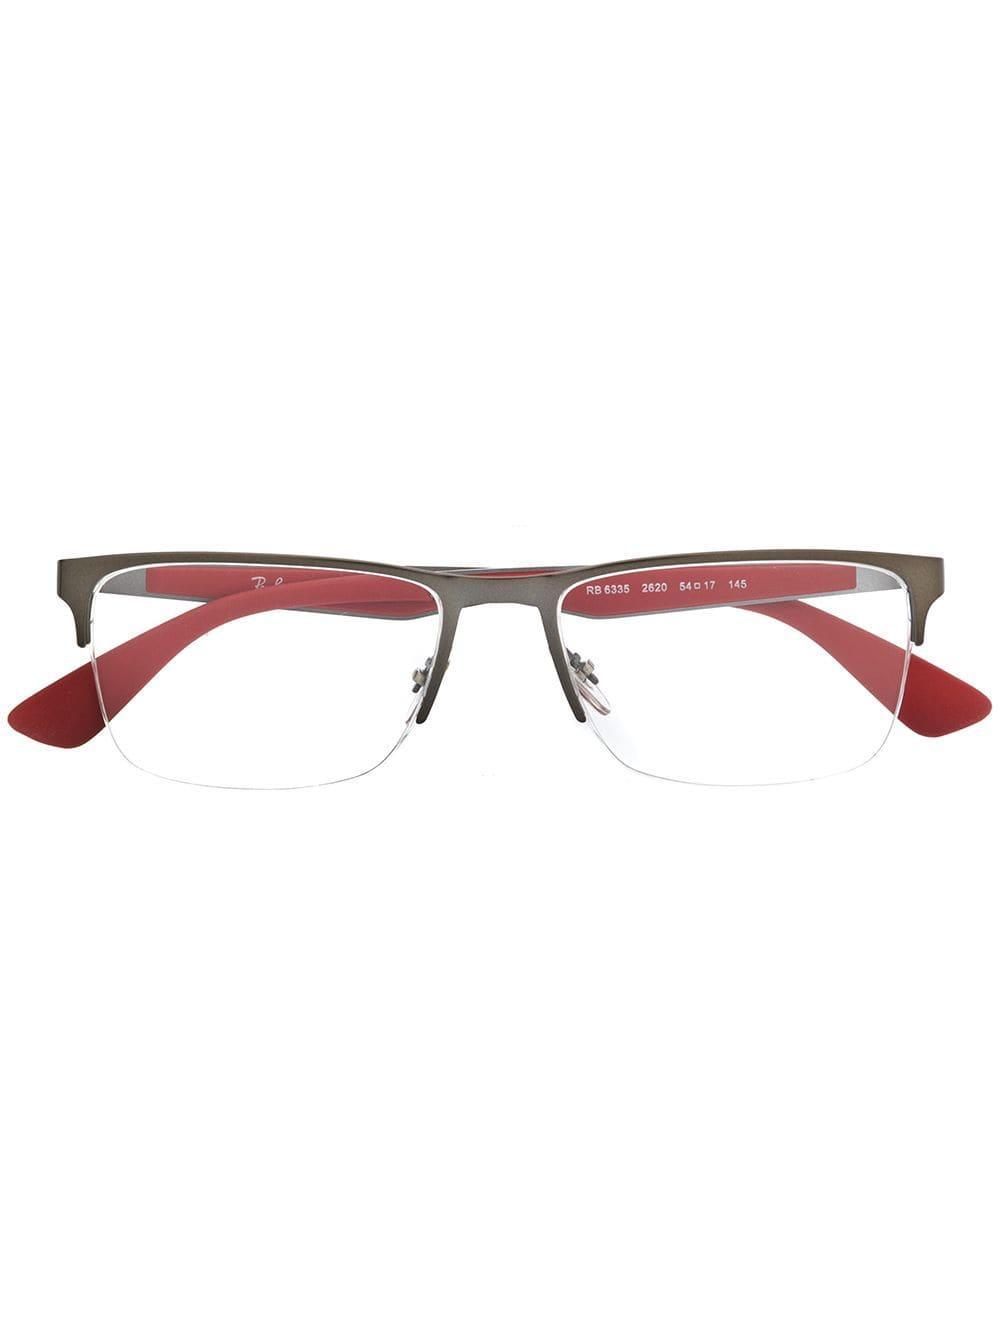 2a7cf3c785 Gafas rectangulares Ray-Ban de hombre de color Rojo - Lyst